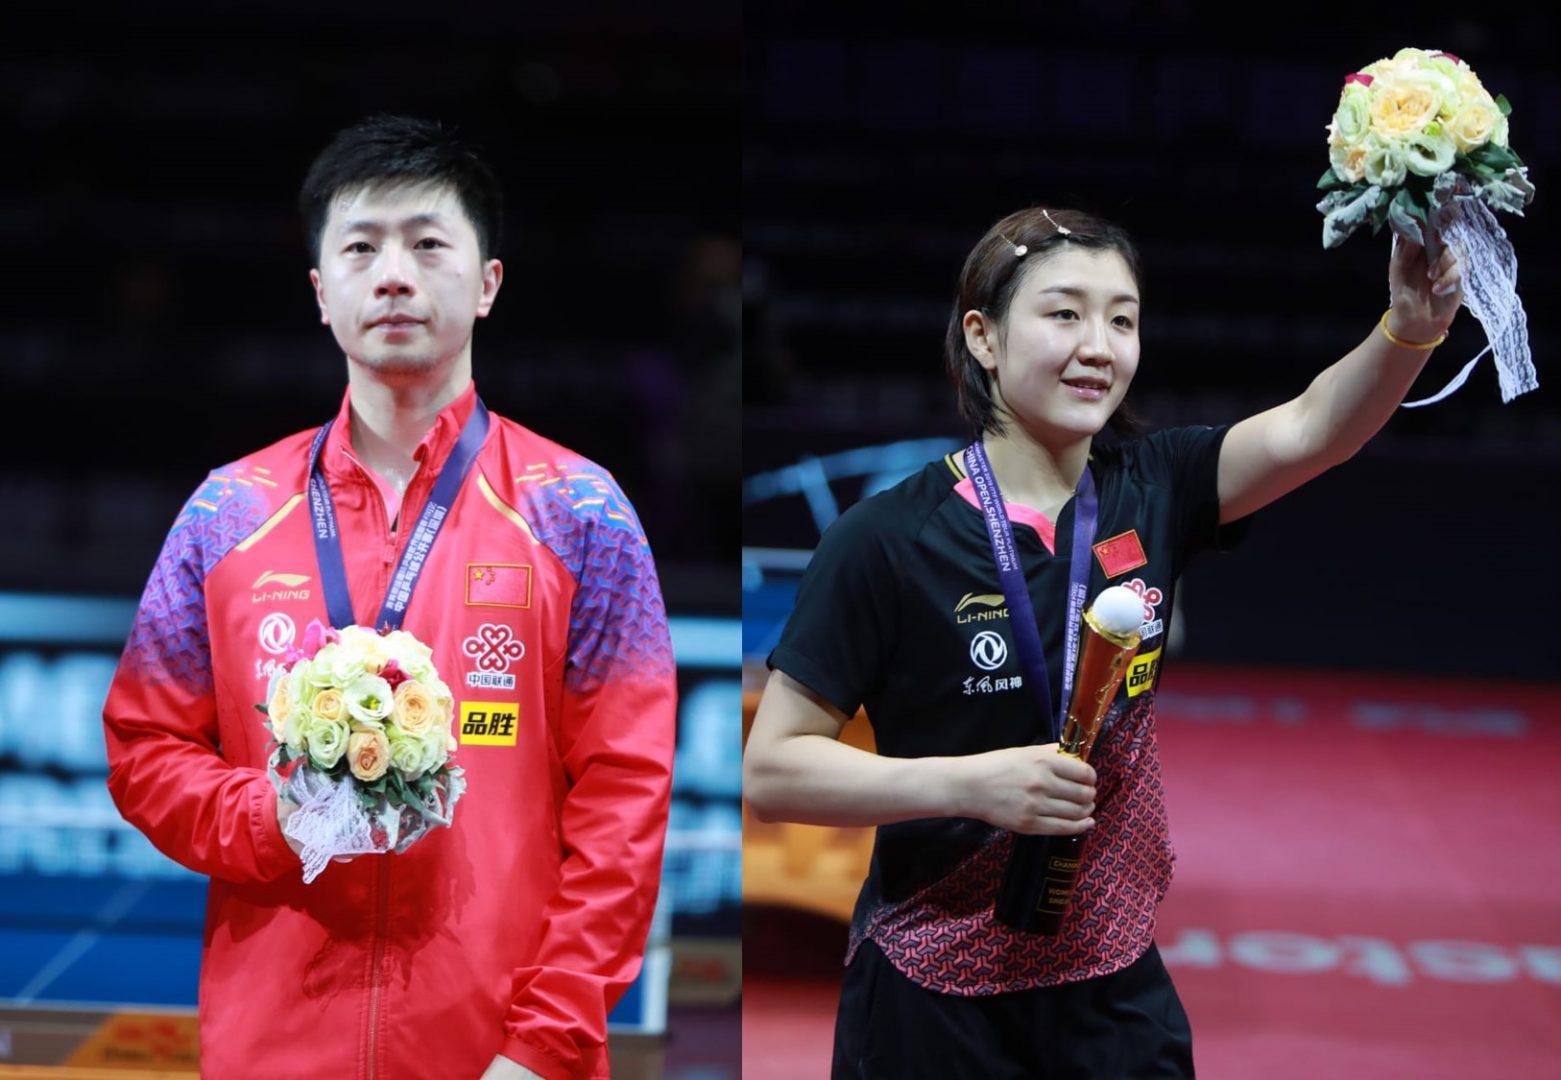 【今週の日本の卓球】馬龍、陳夢がシングルス優勝 中国OP全日程終了